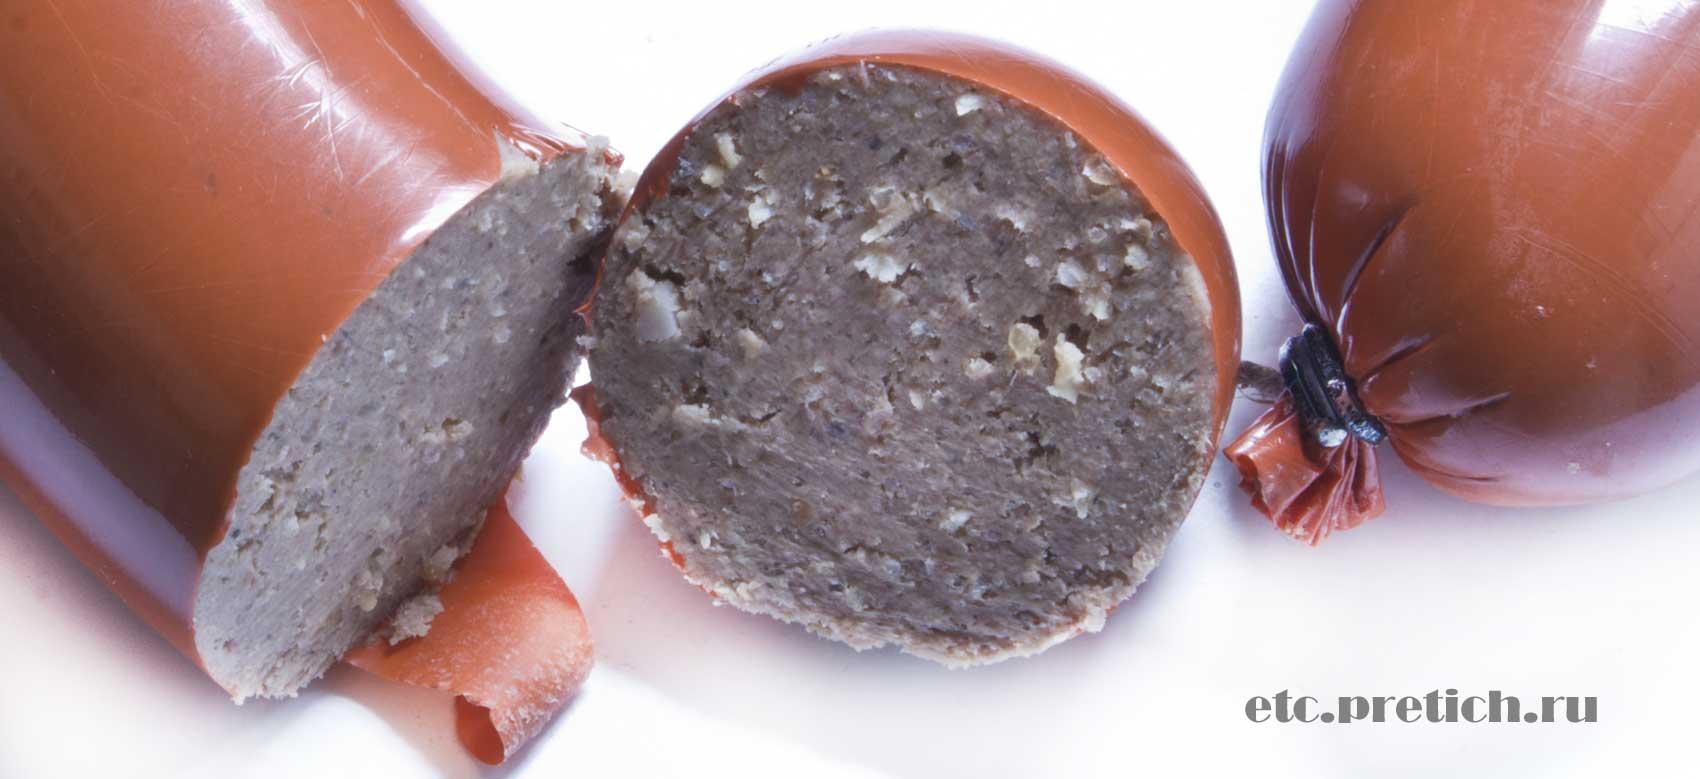 Ливерная колбаса - отзыв, Беккер и К что и как, можно ли есть?